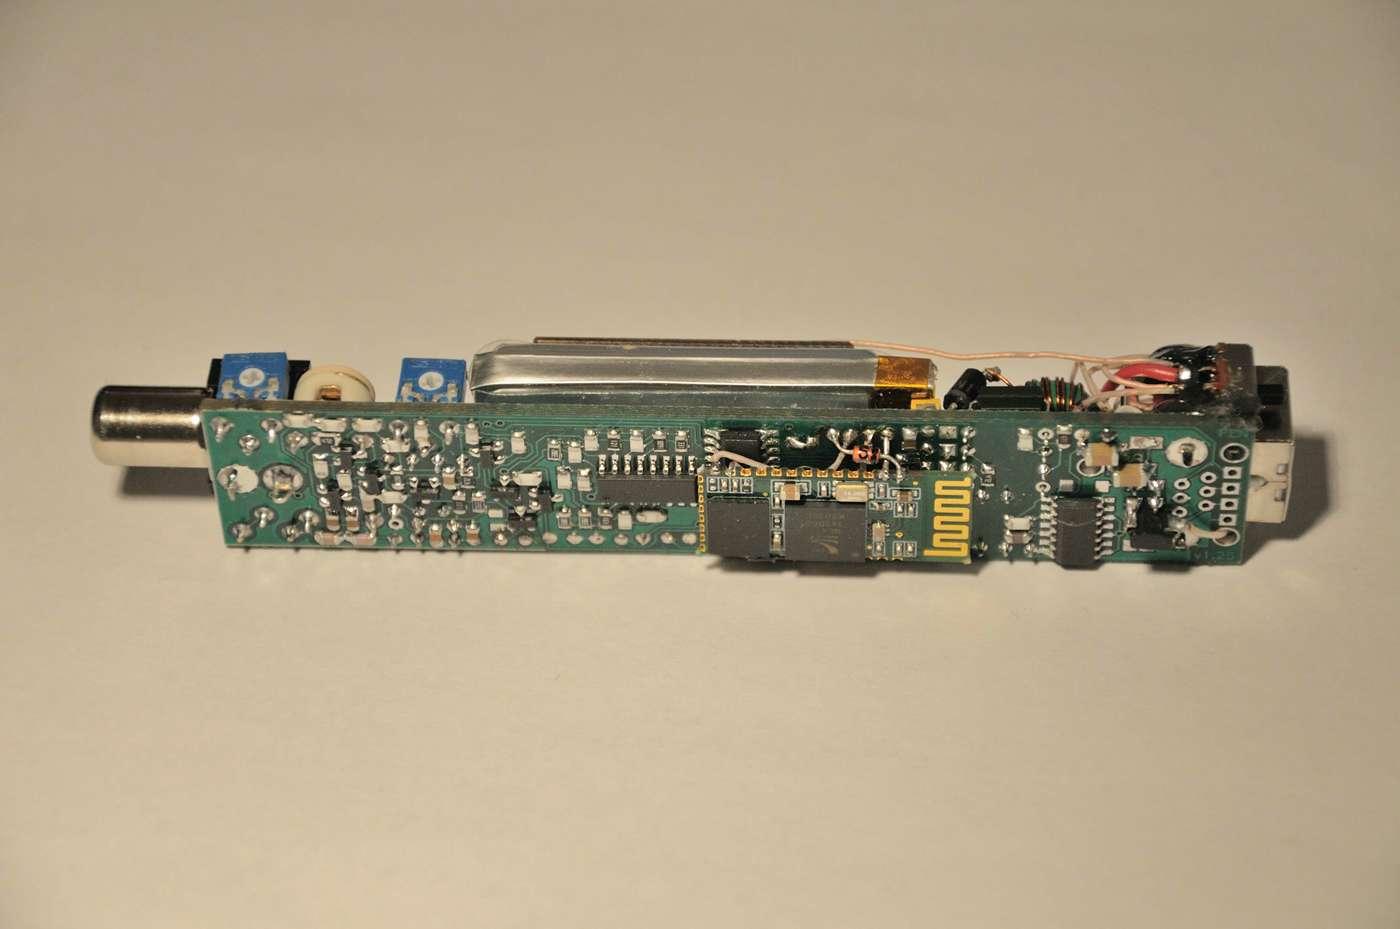 http://www.oscill.com/components/com_agora/img/members/1310/DSC-4116-rs.jpg